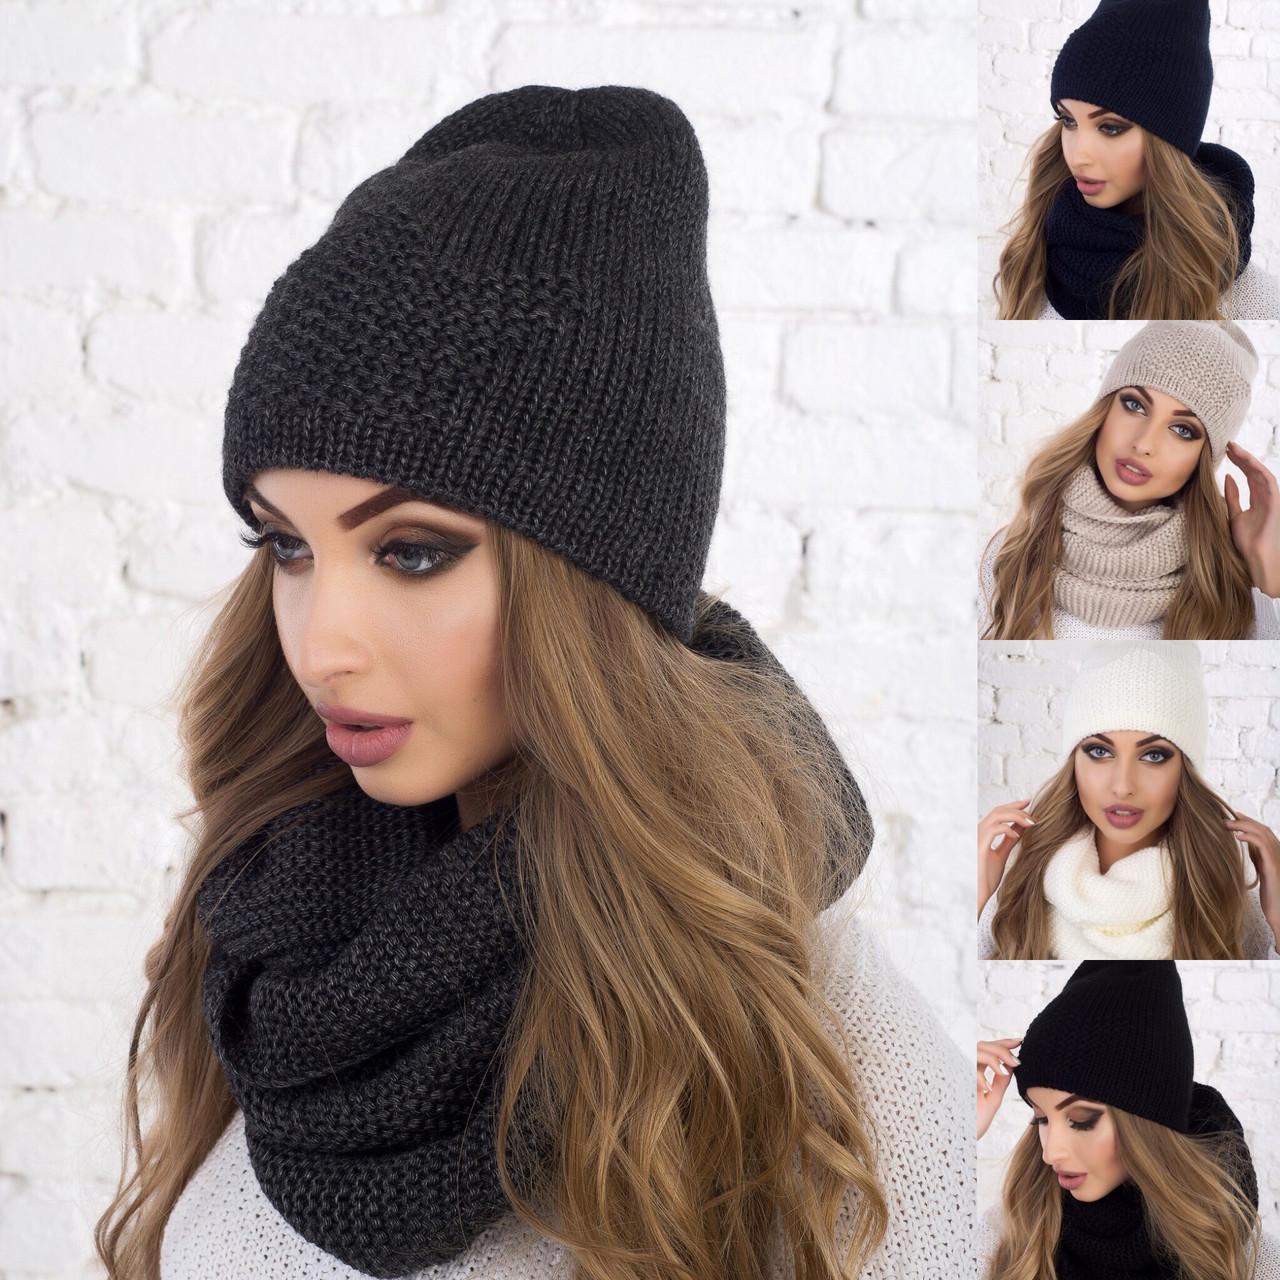 Стильный набор- шапка и хомут качества LUX  шерсть, акрил. Очень тёплая. Разных цветов. код 6054К